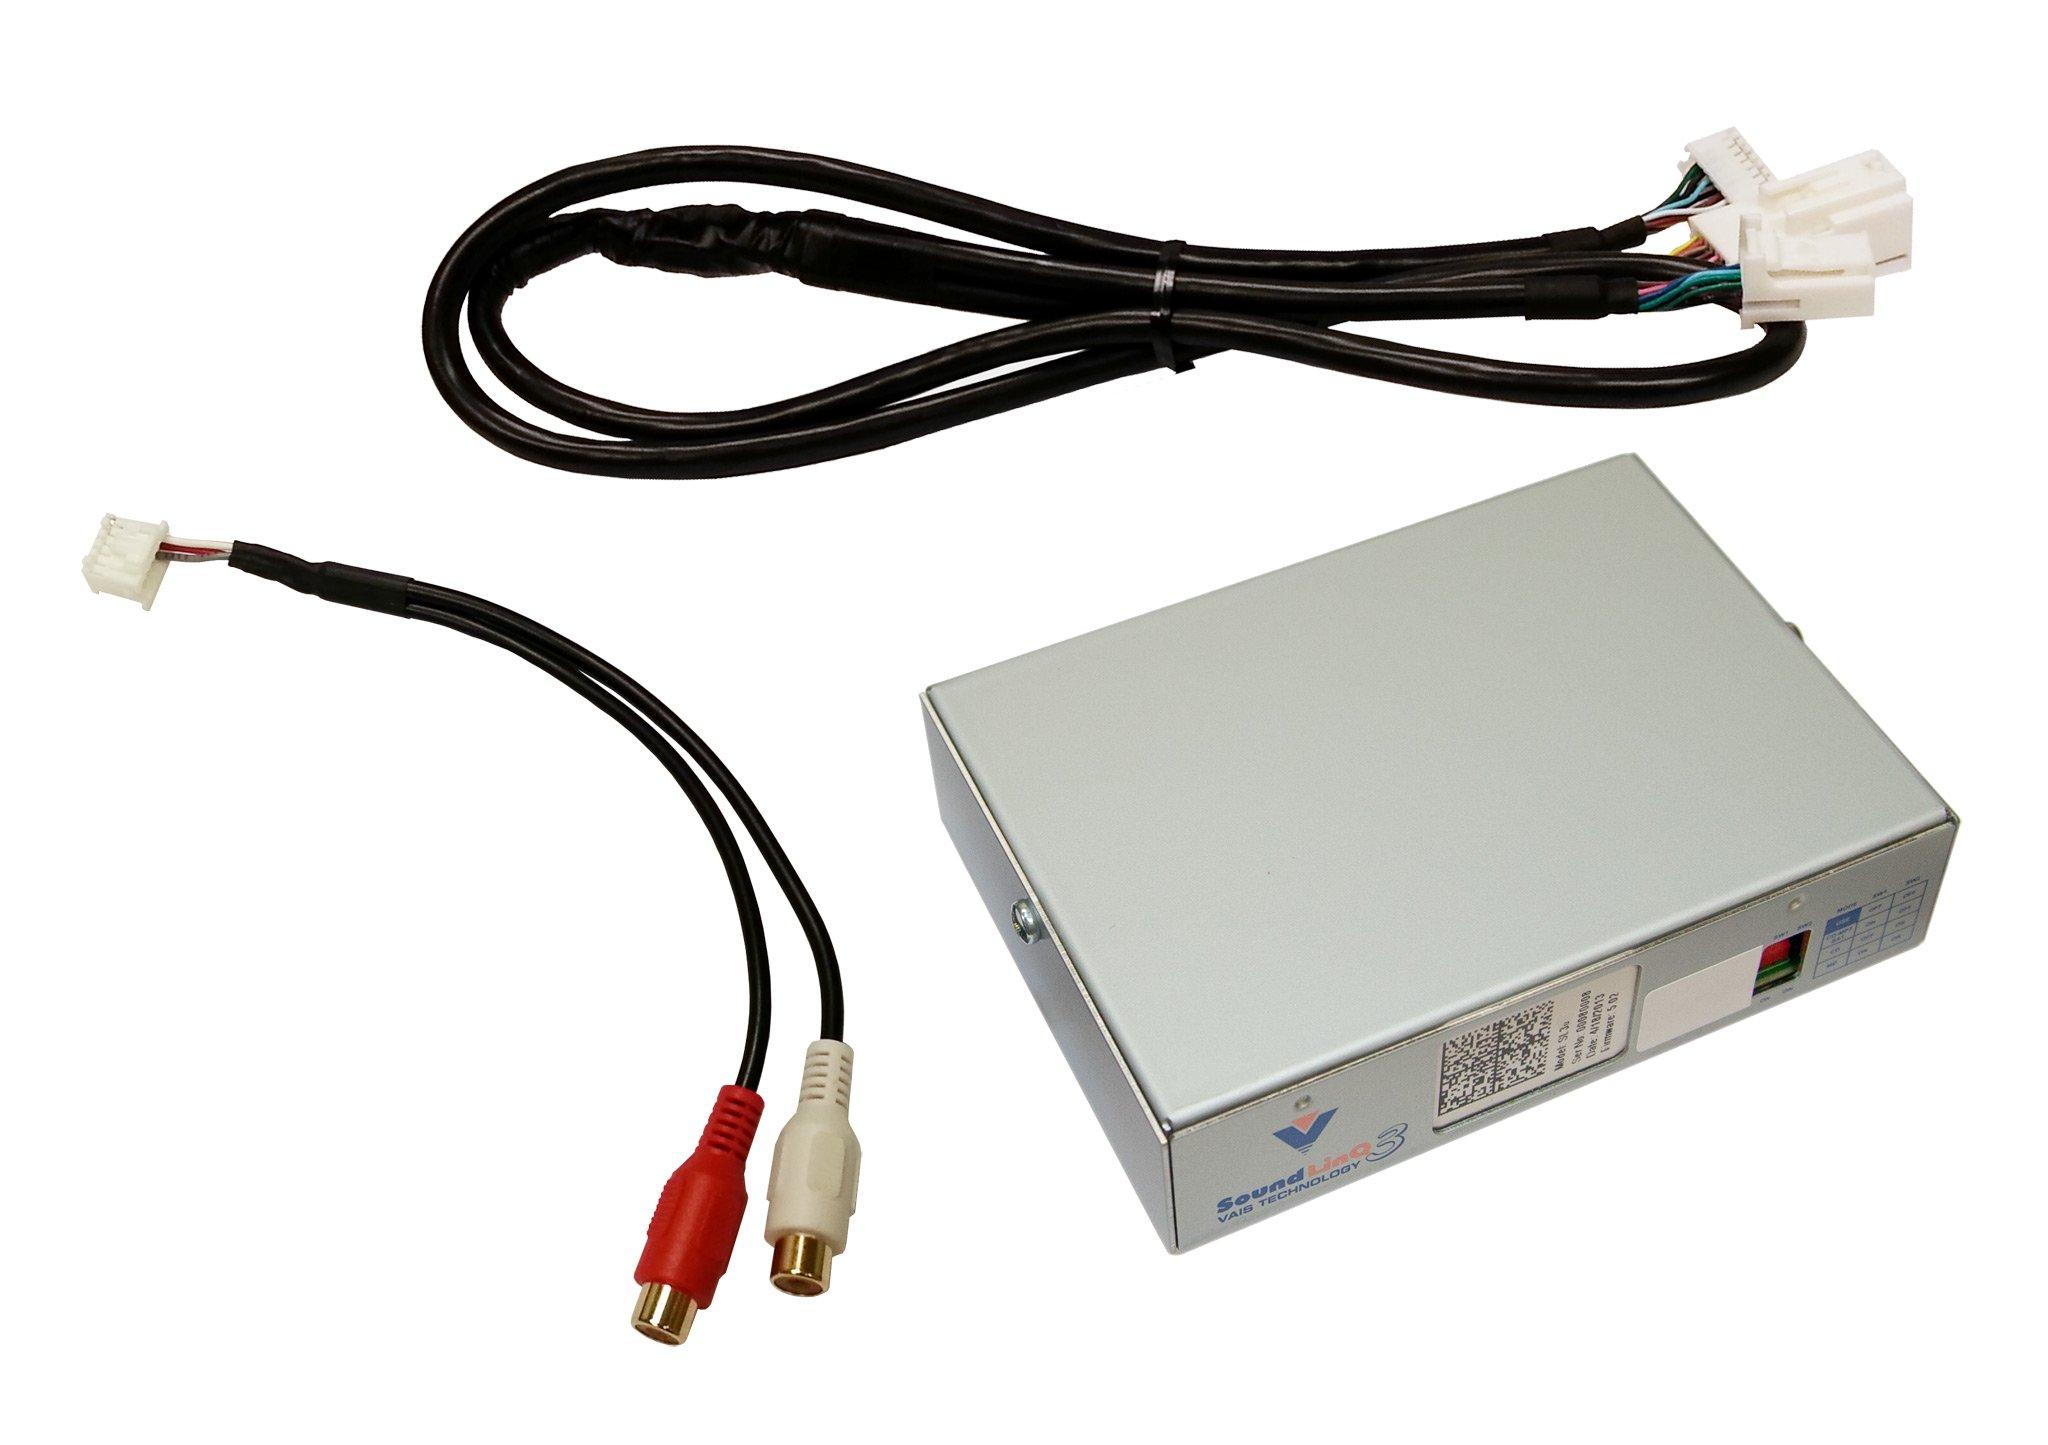 SL3u-L Universal AUX adapter for compatible Lexus vehicles